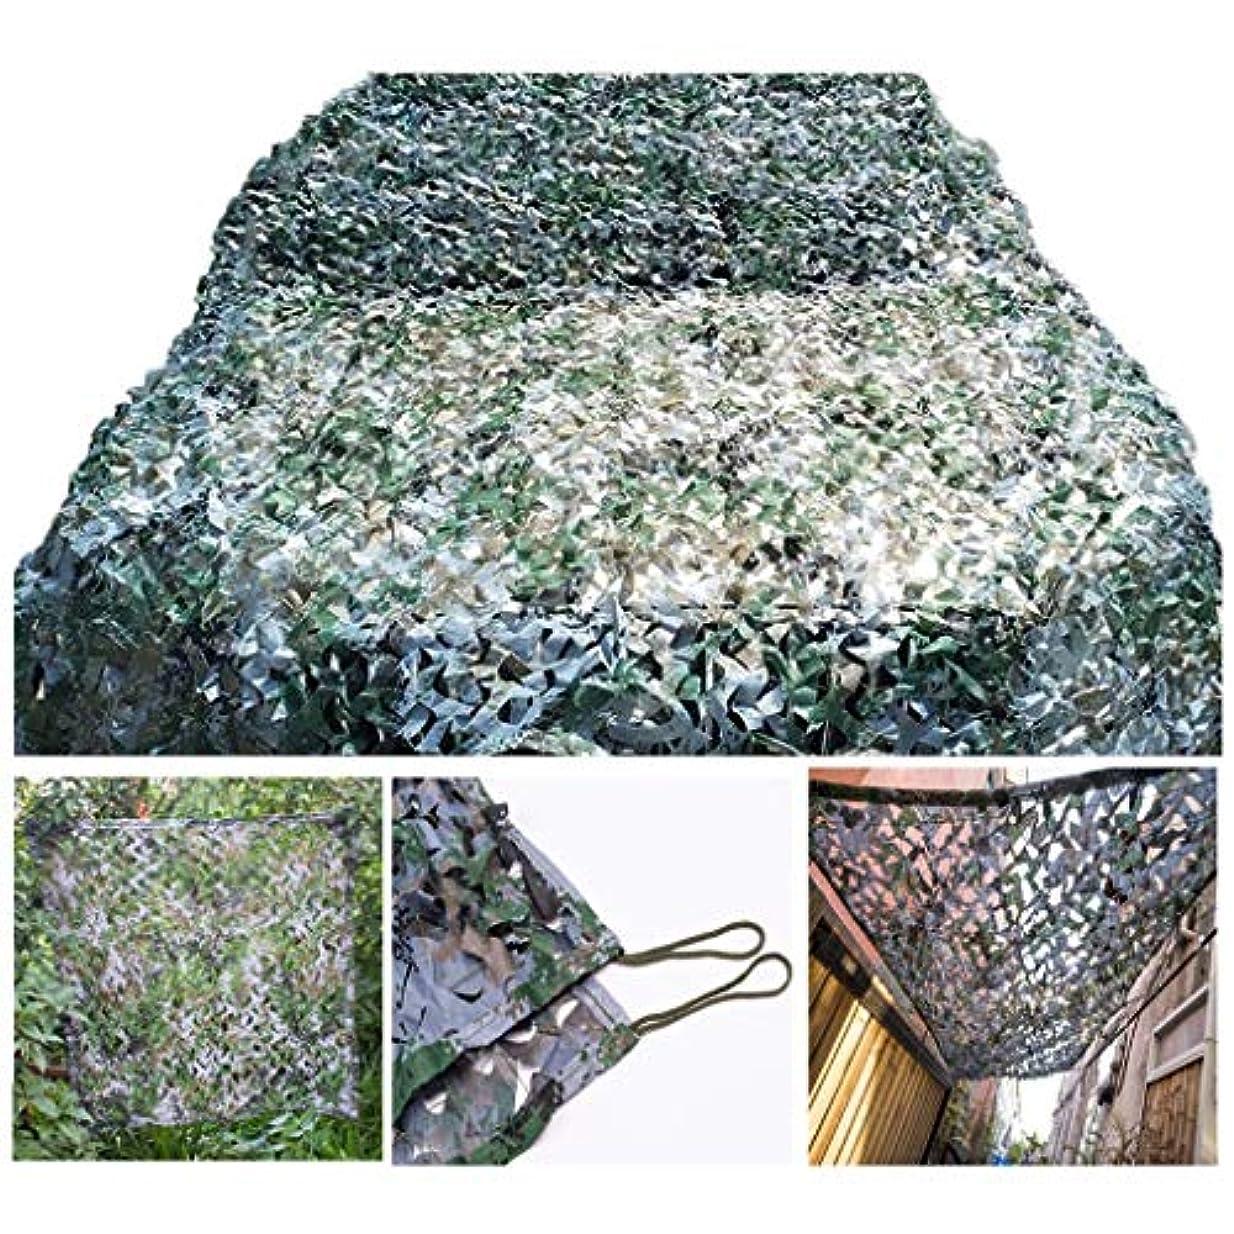 トラフ昨日嬉しいです2メートル6メートル迷彩ネット迷彩ネッティングウッドランドミリタリーアーミーメッシュオックスフォードポリエステル強化日焼け止め日除け日よけネットキャンプ用ジャングル隠すシェルターパーティー装飾狩猟 (Size : 3*3M(9.8*9.8ft))